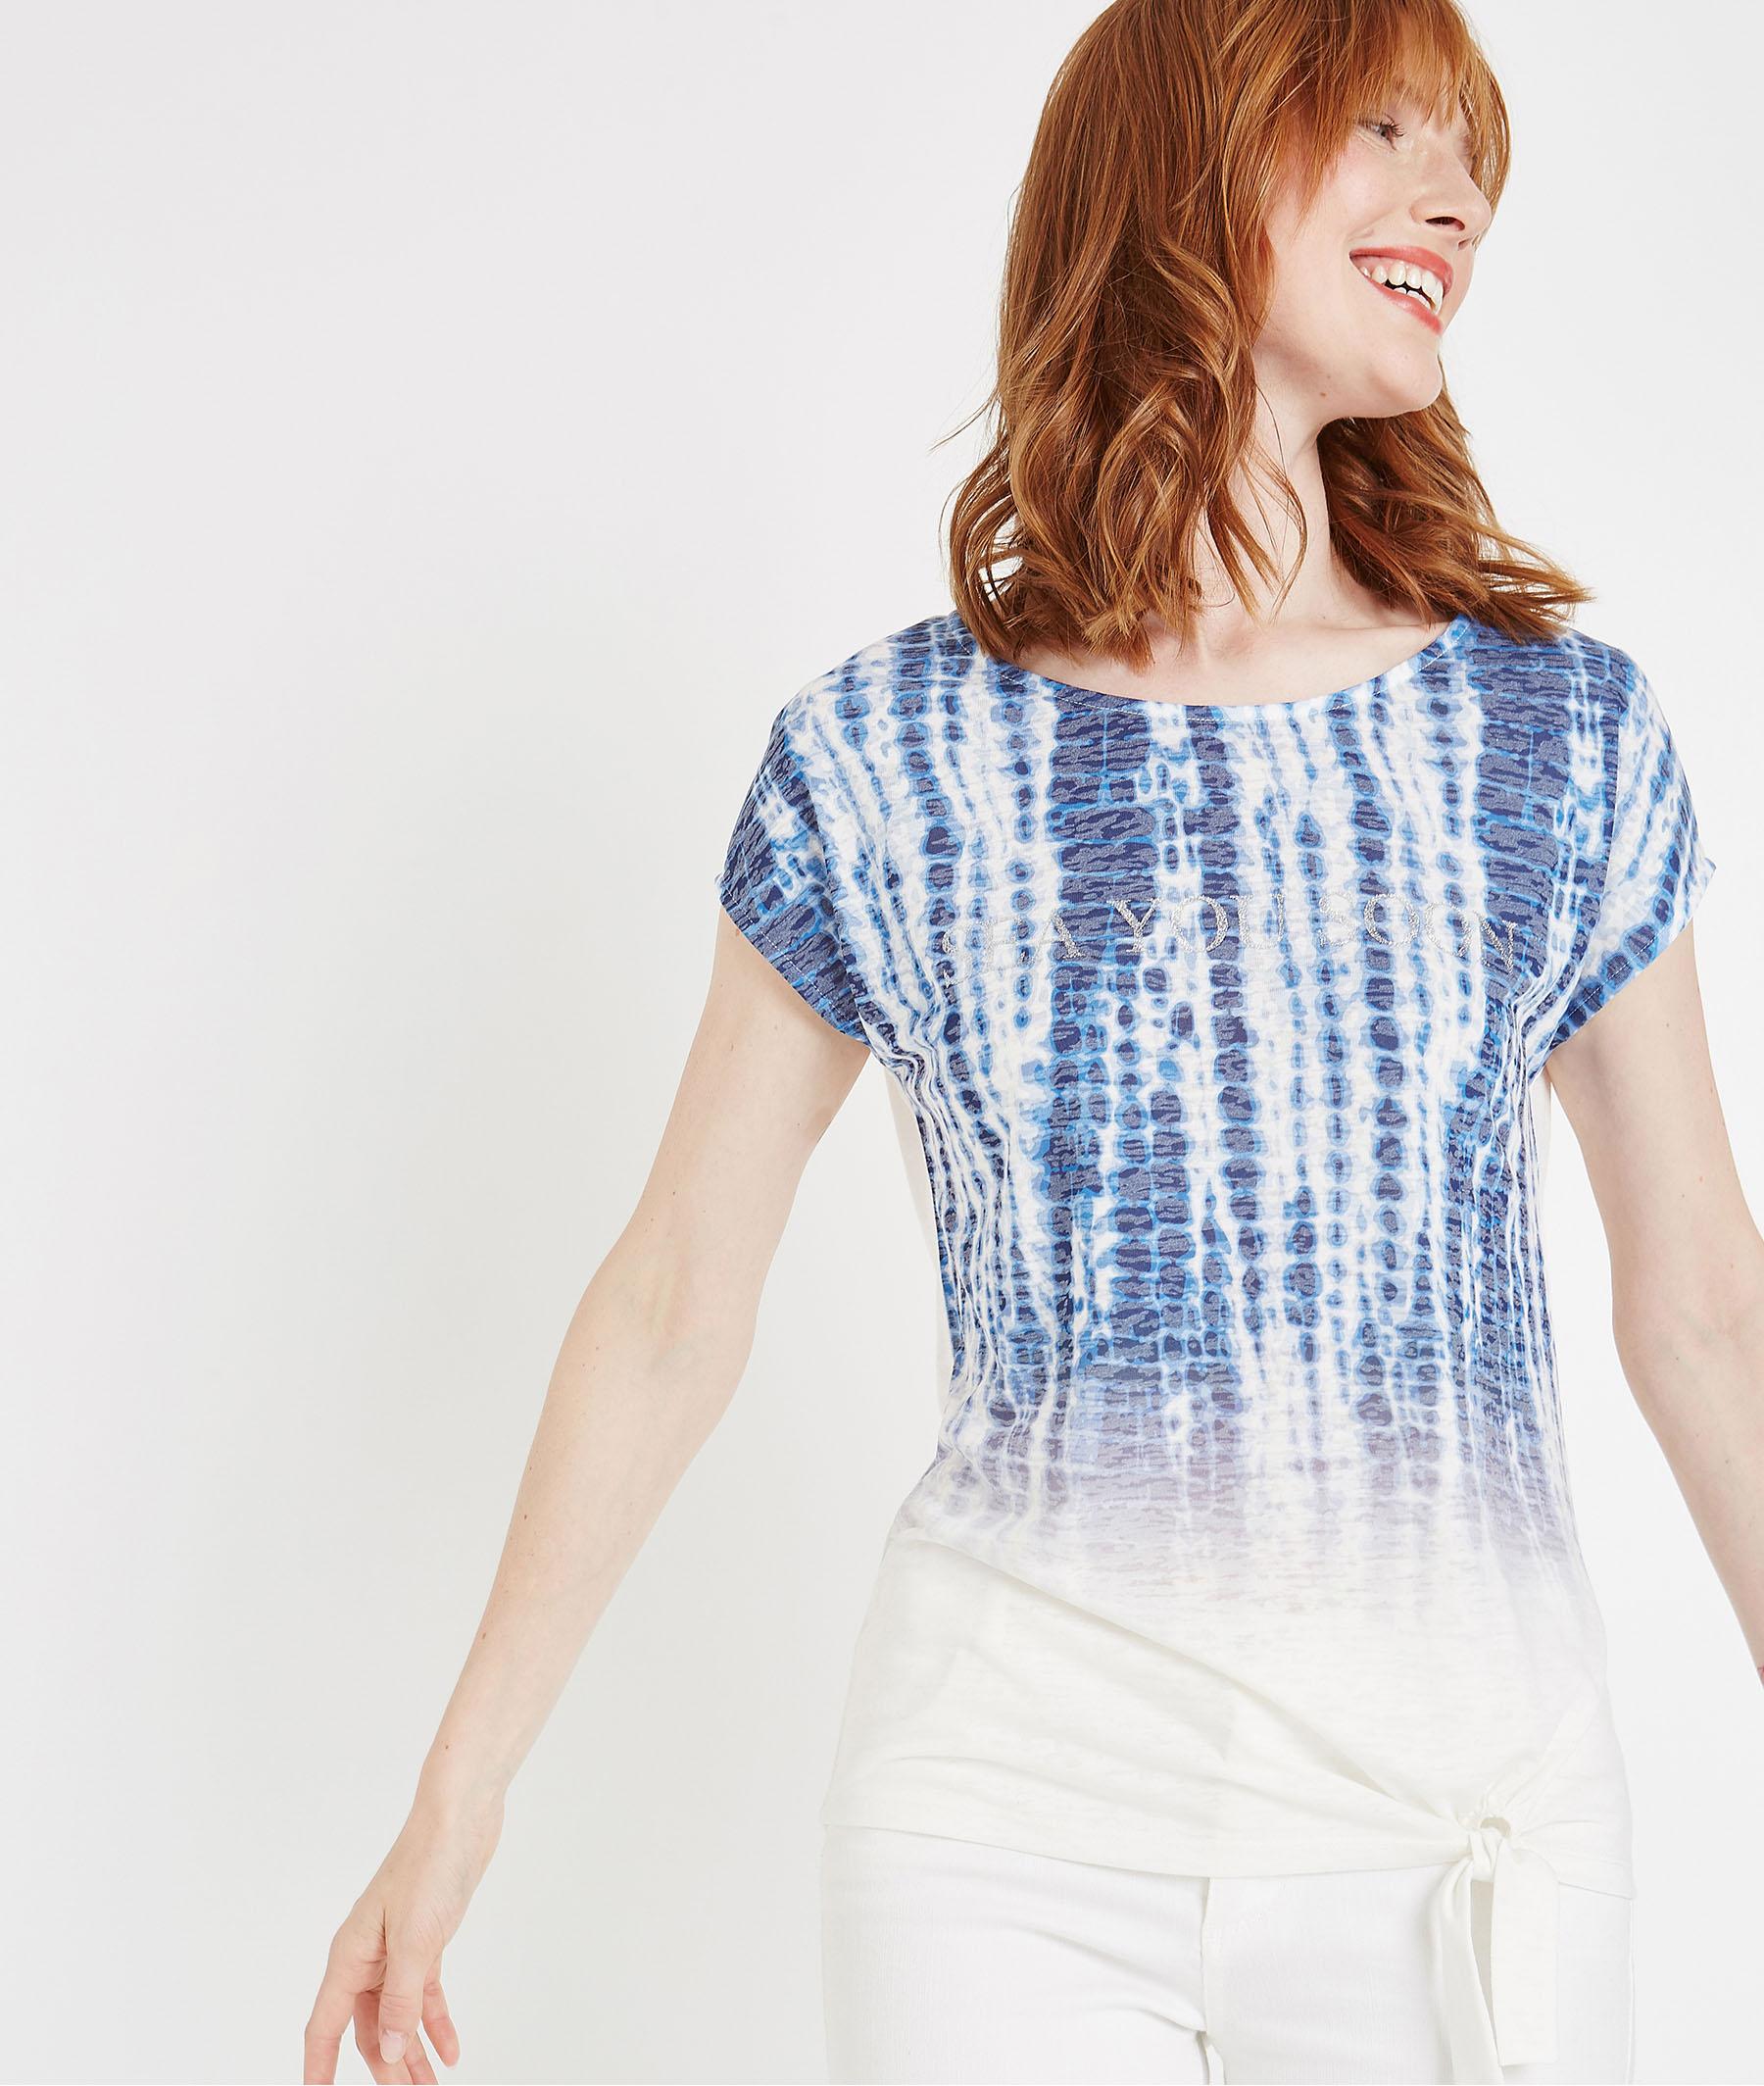 T-shirt en dégradés de bleus BLEU